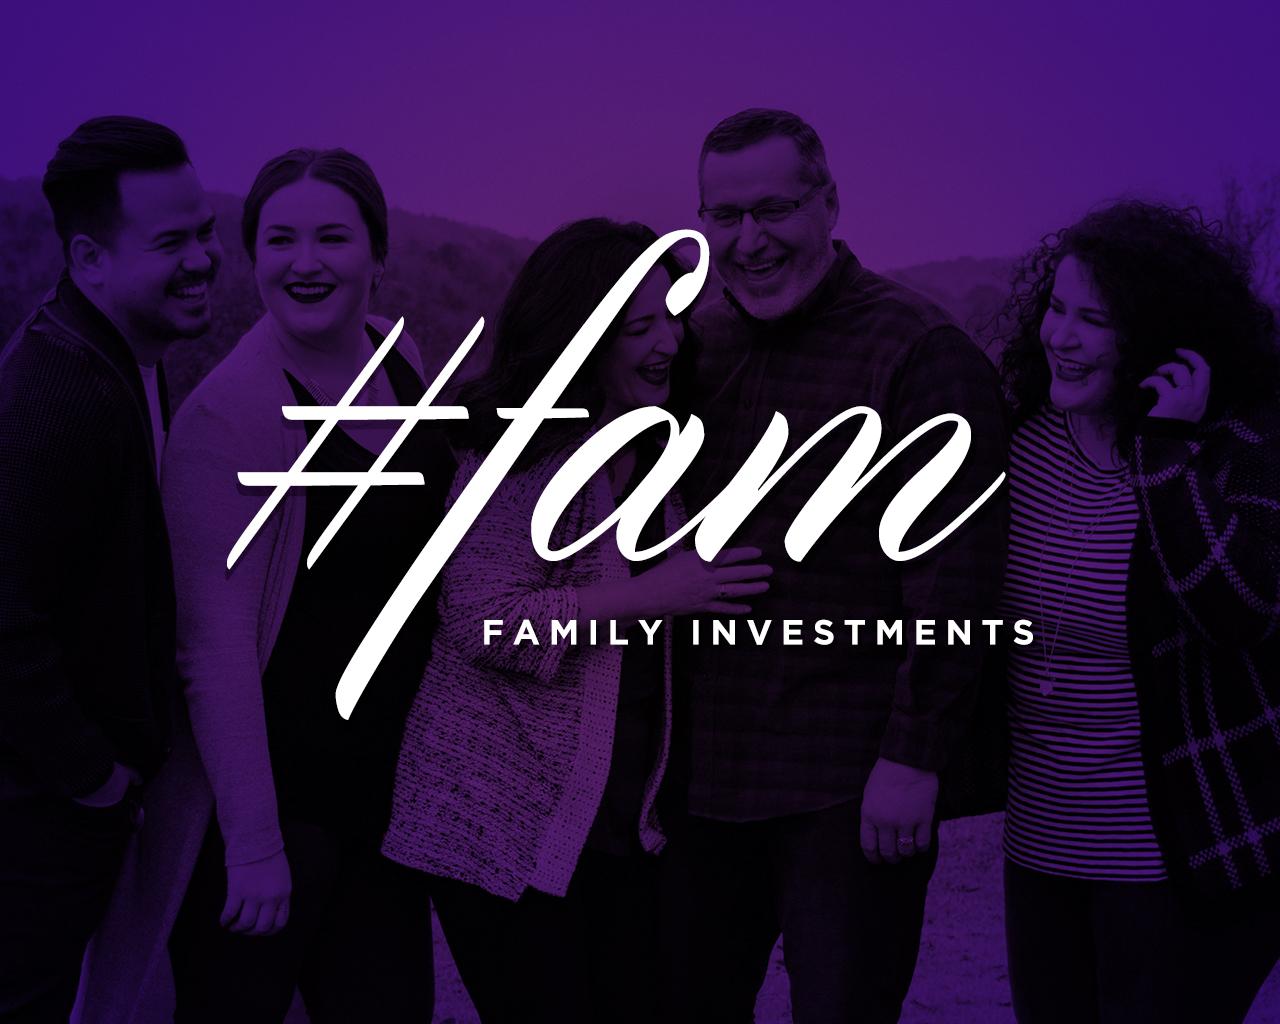 FamilyInvestments.jpg